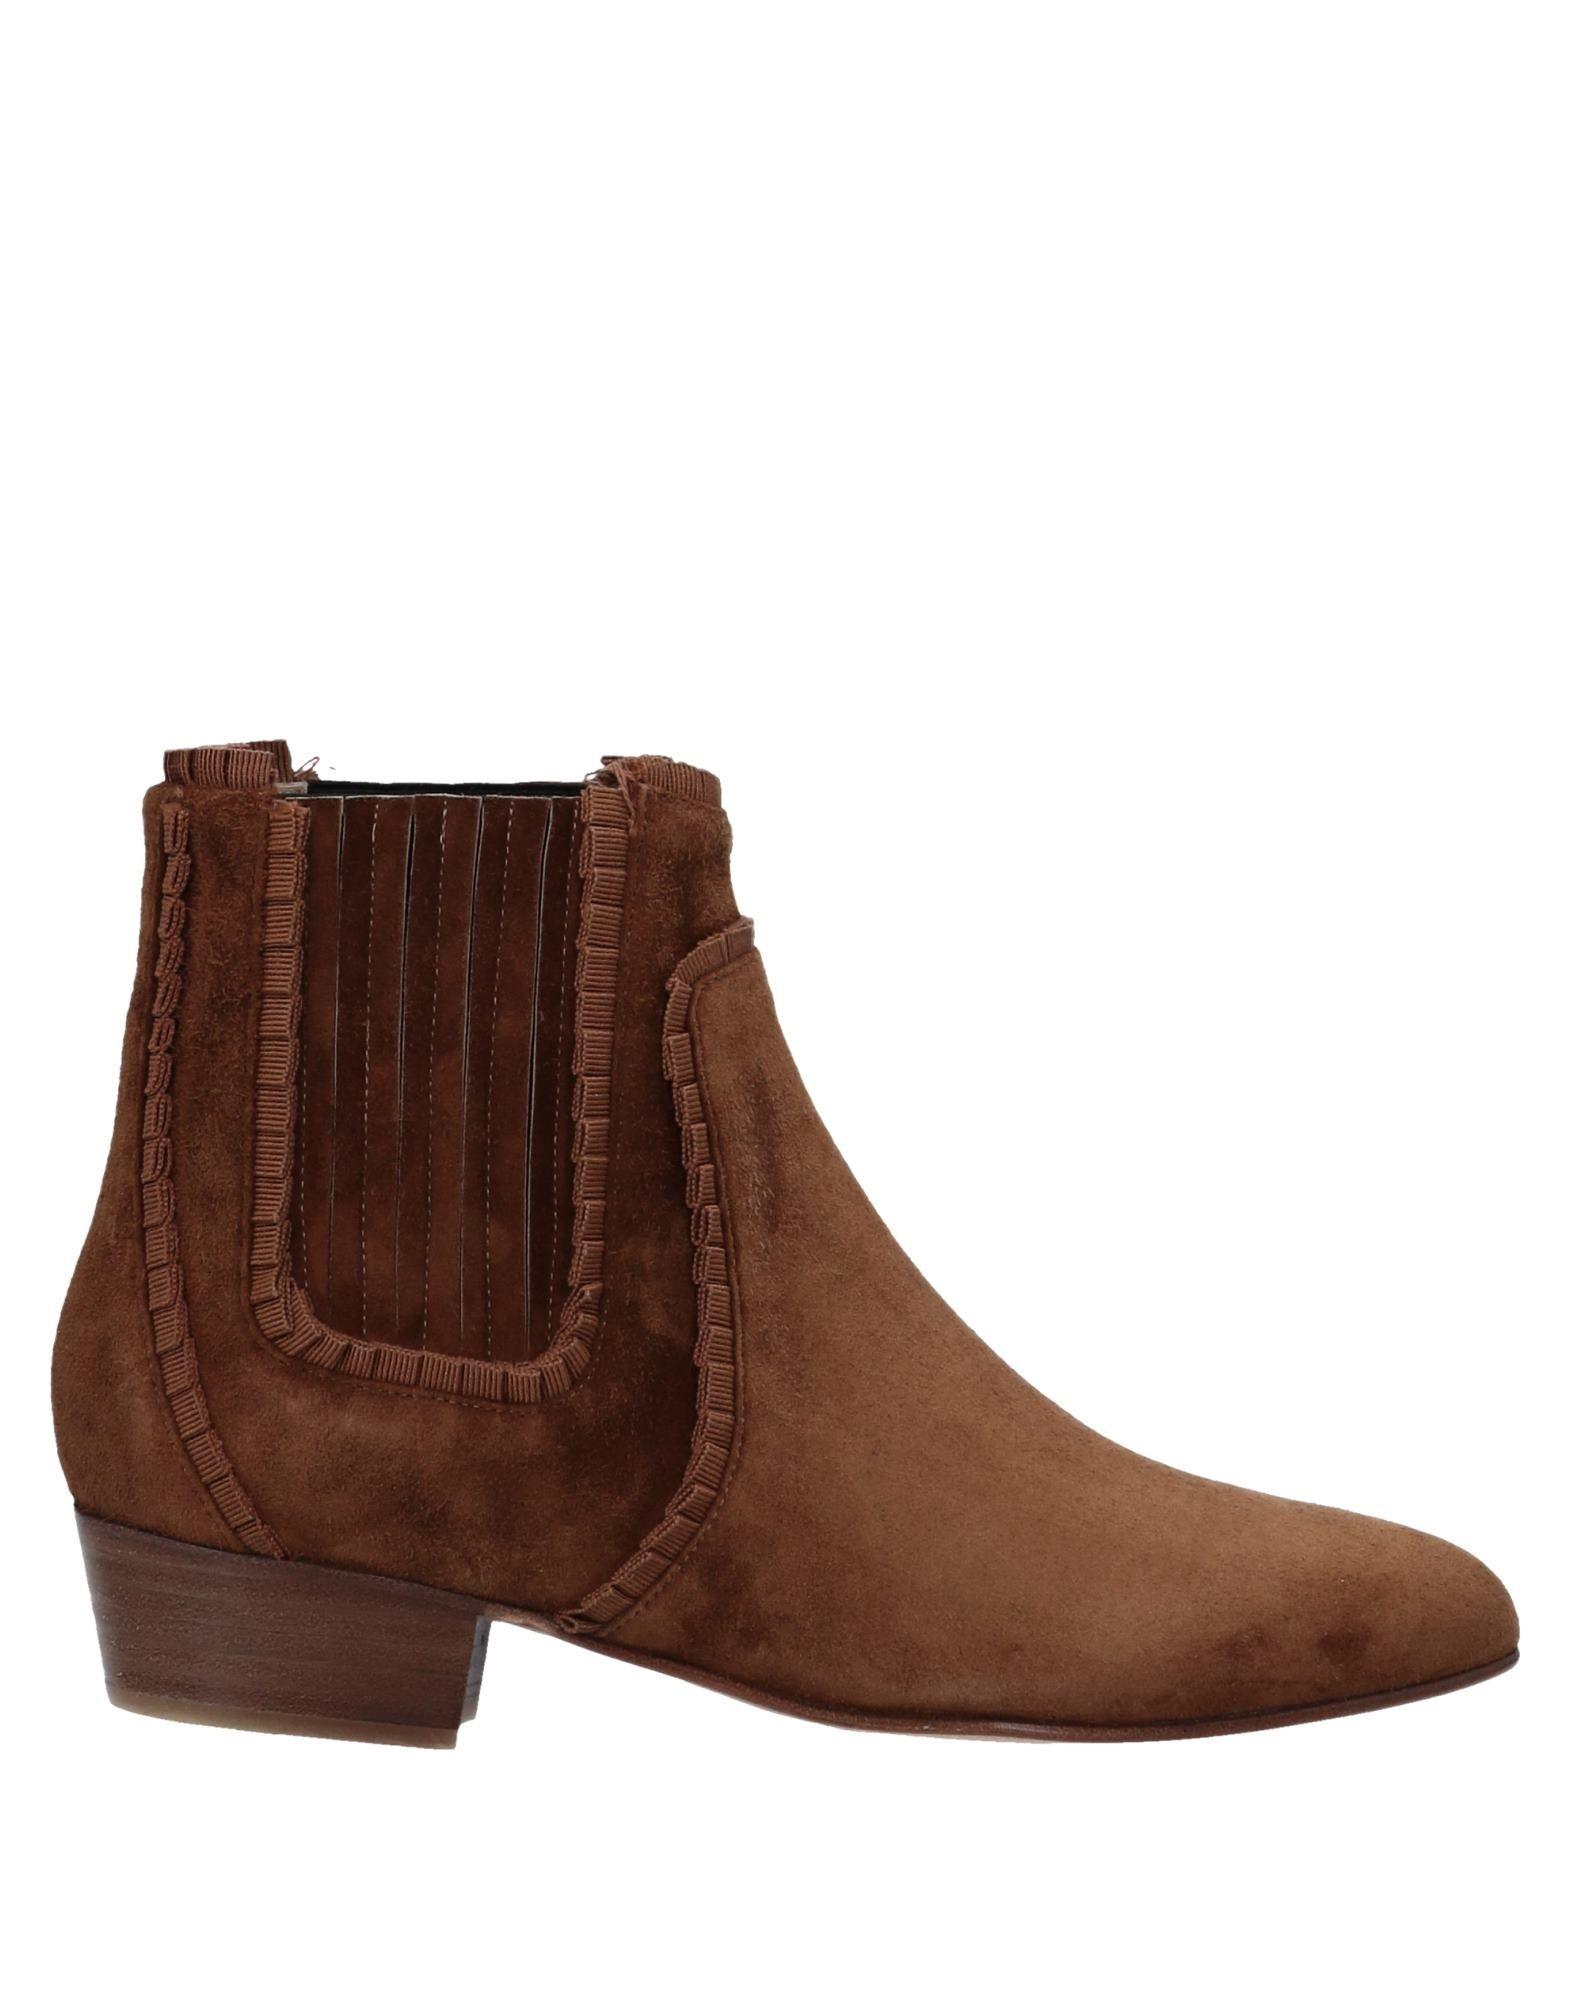 Rabatt Schuhe Louis Damen Leeman Stiefelette Damen Louis  11542947OM f458a6